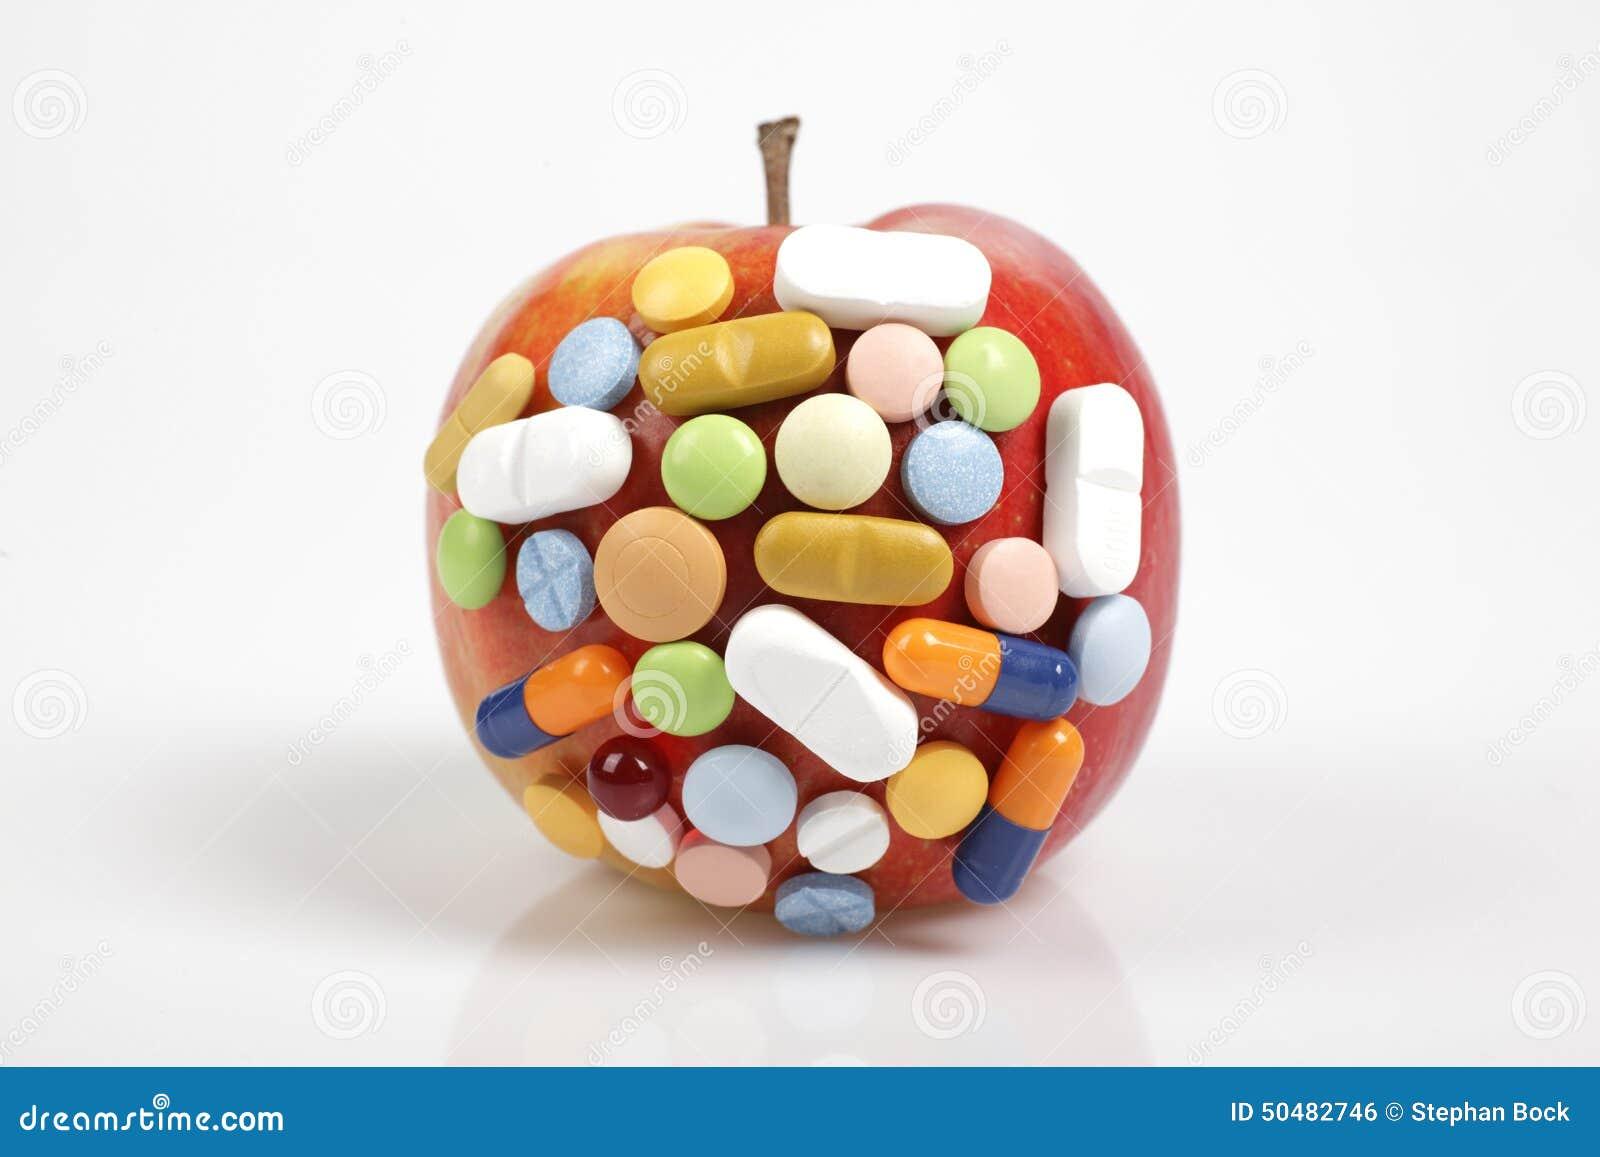 P ldoras en manzana en el fondo blanco que simboliza la for Que es la comida molecular